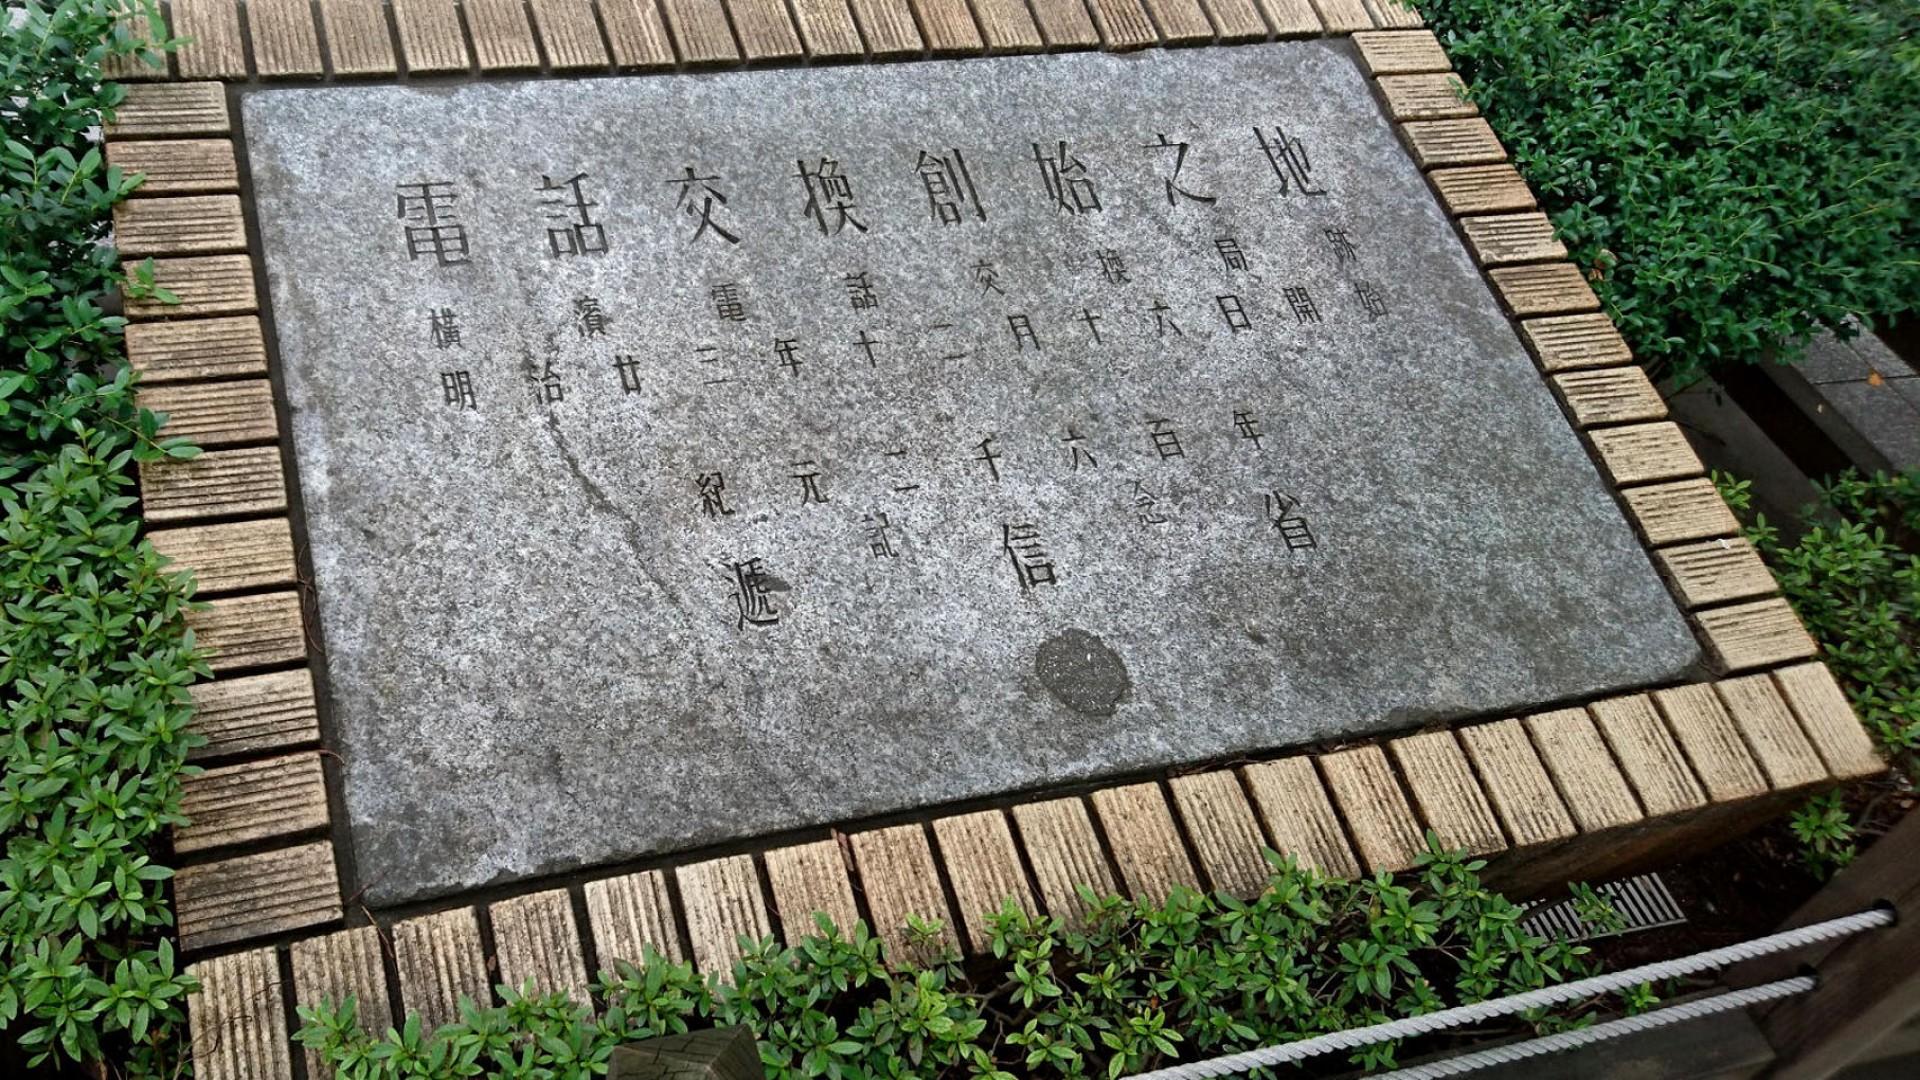 電話交換発祥の記念碑